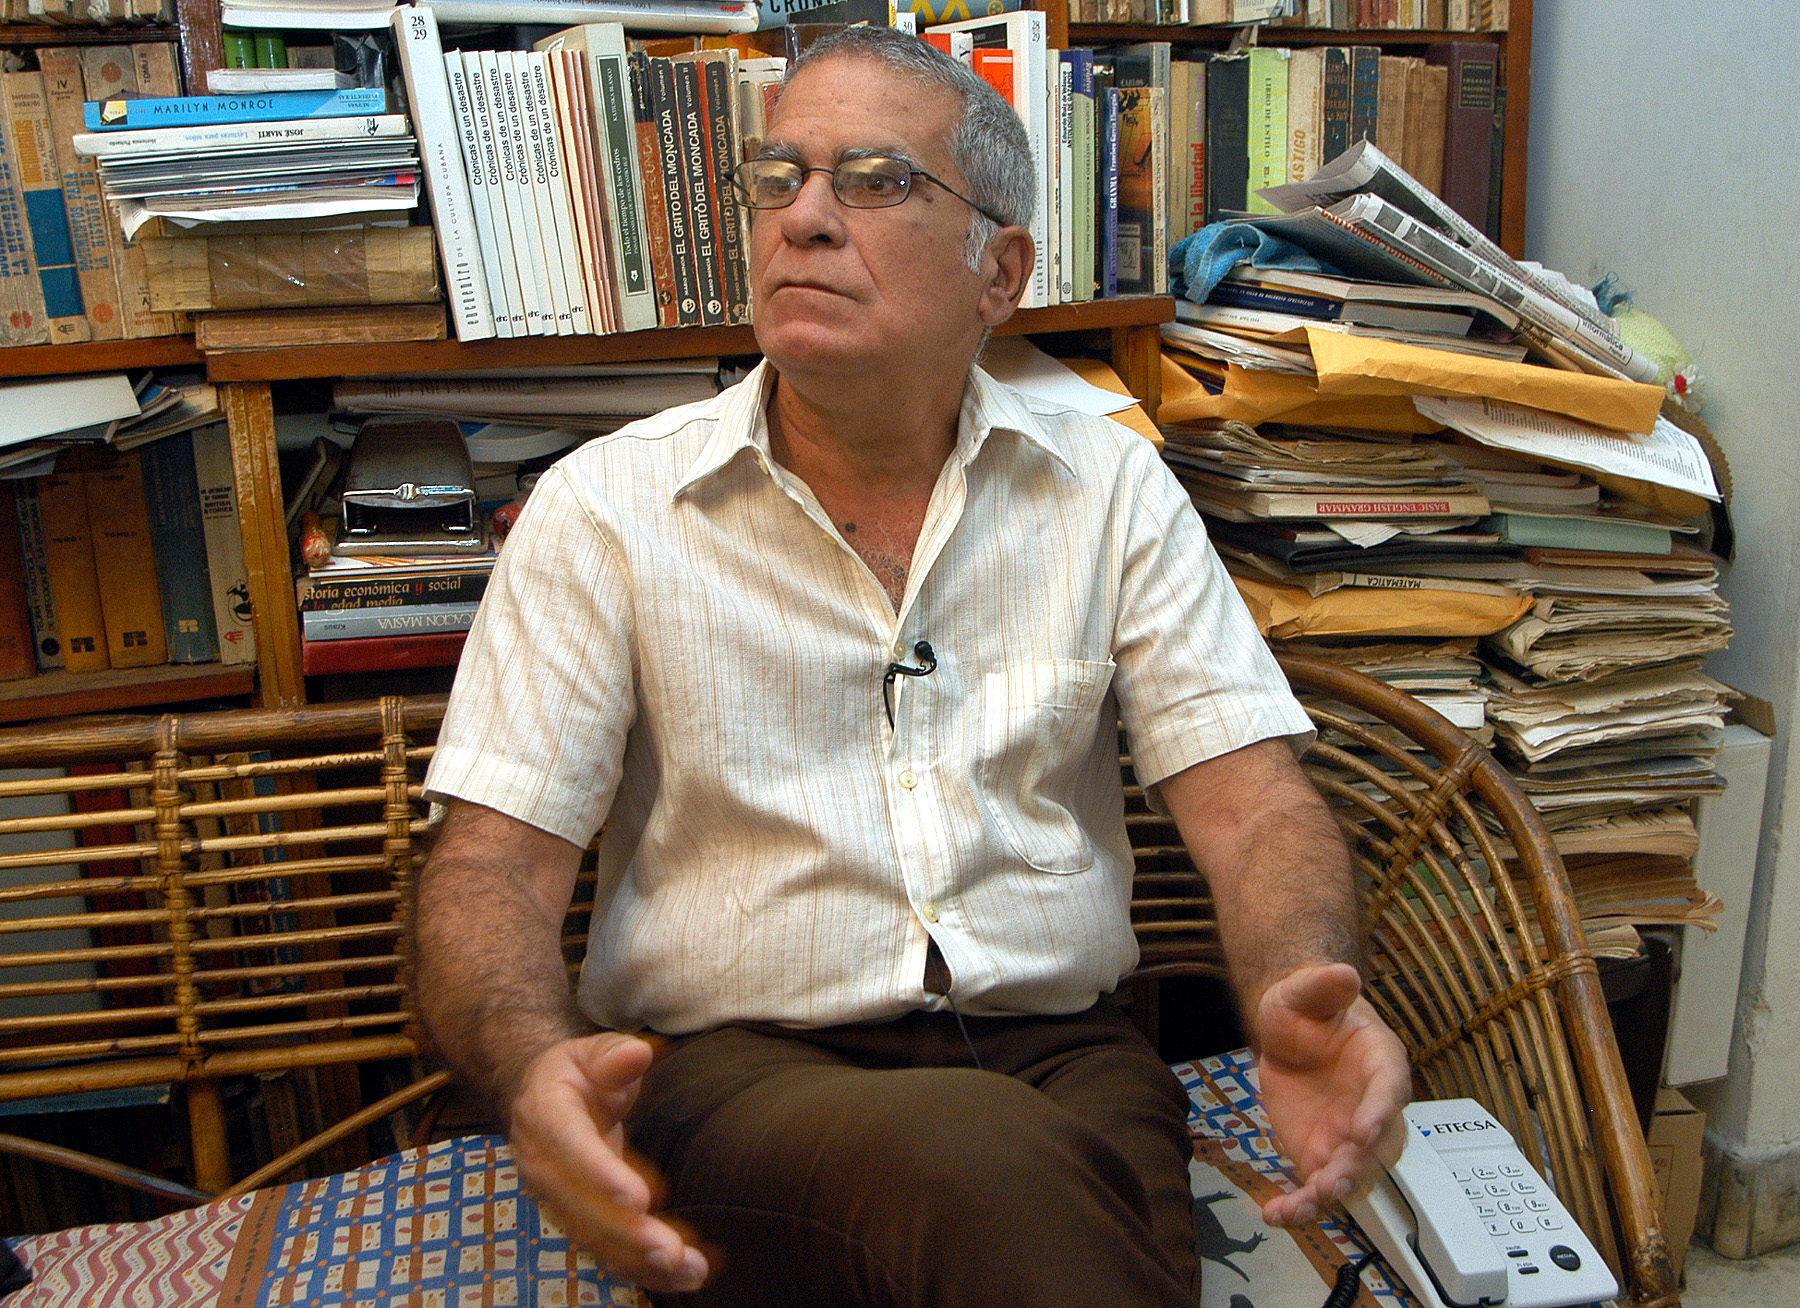 El opositor cubano Espinosa Chepe fallece en Madrid